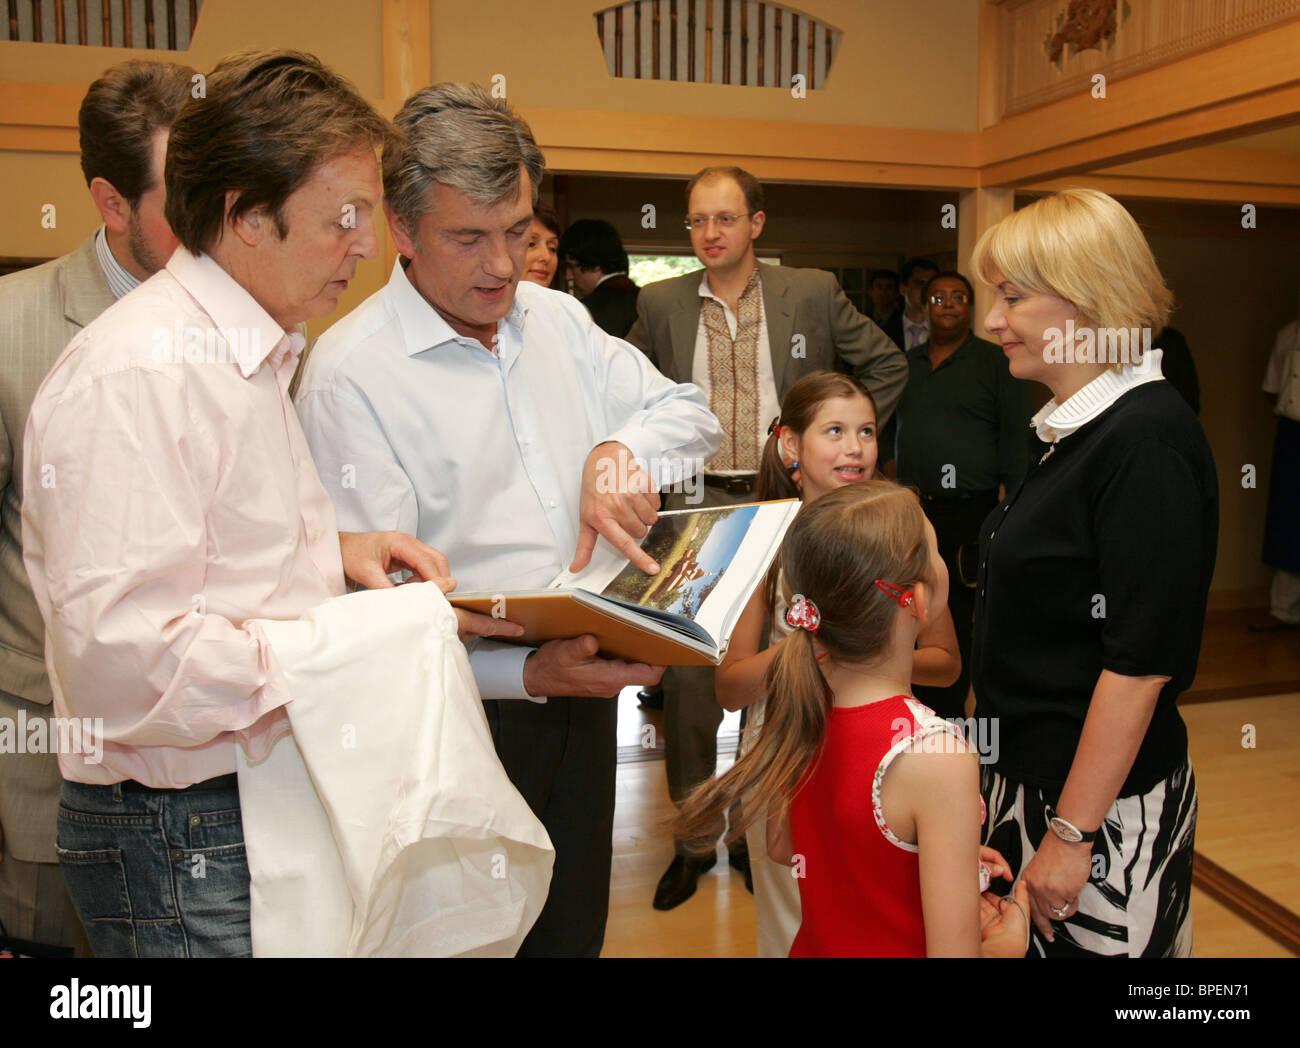 Ukraine's President Viktor Yushchenko & former Beatle Paul McCartney meet in Kyiv - Stock Image